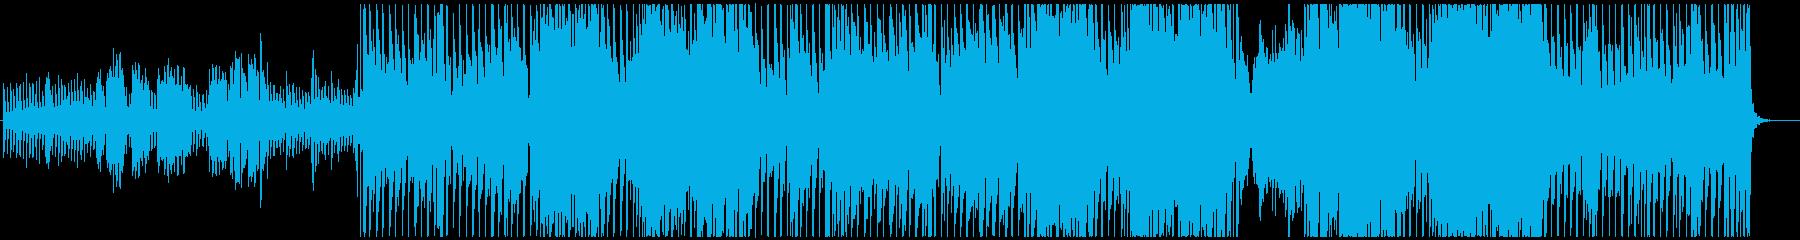 ふわふわキュートなクリスマスソングの再生済みの波形